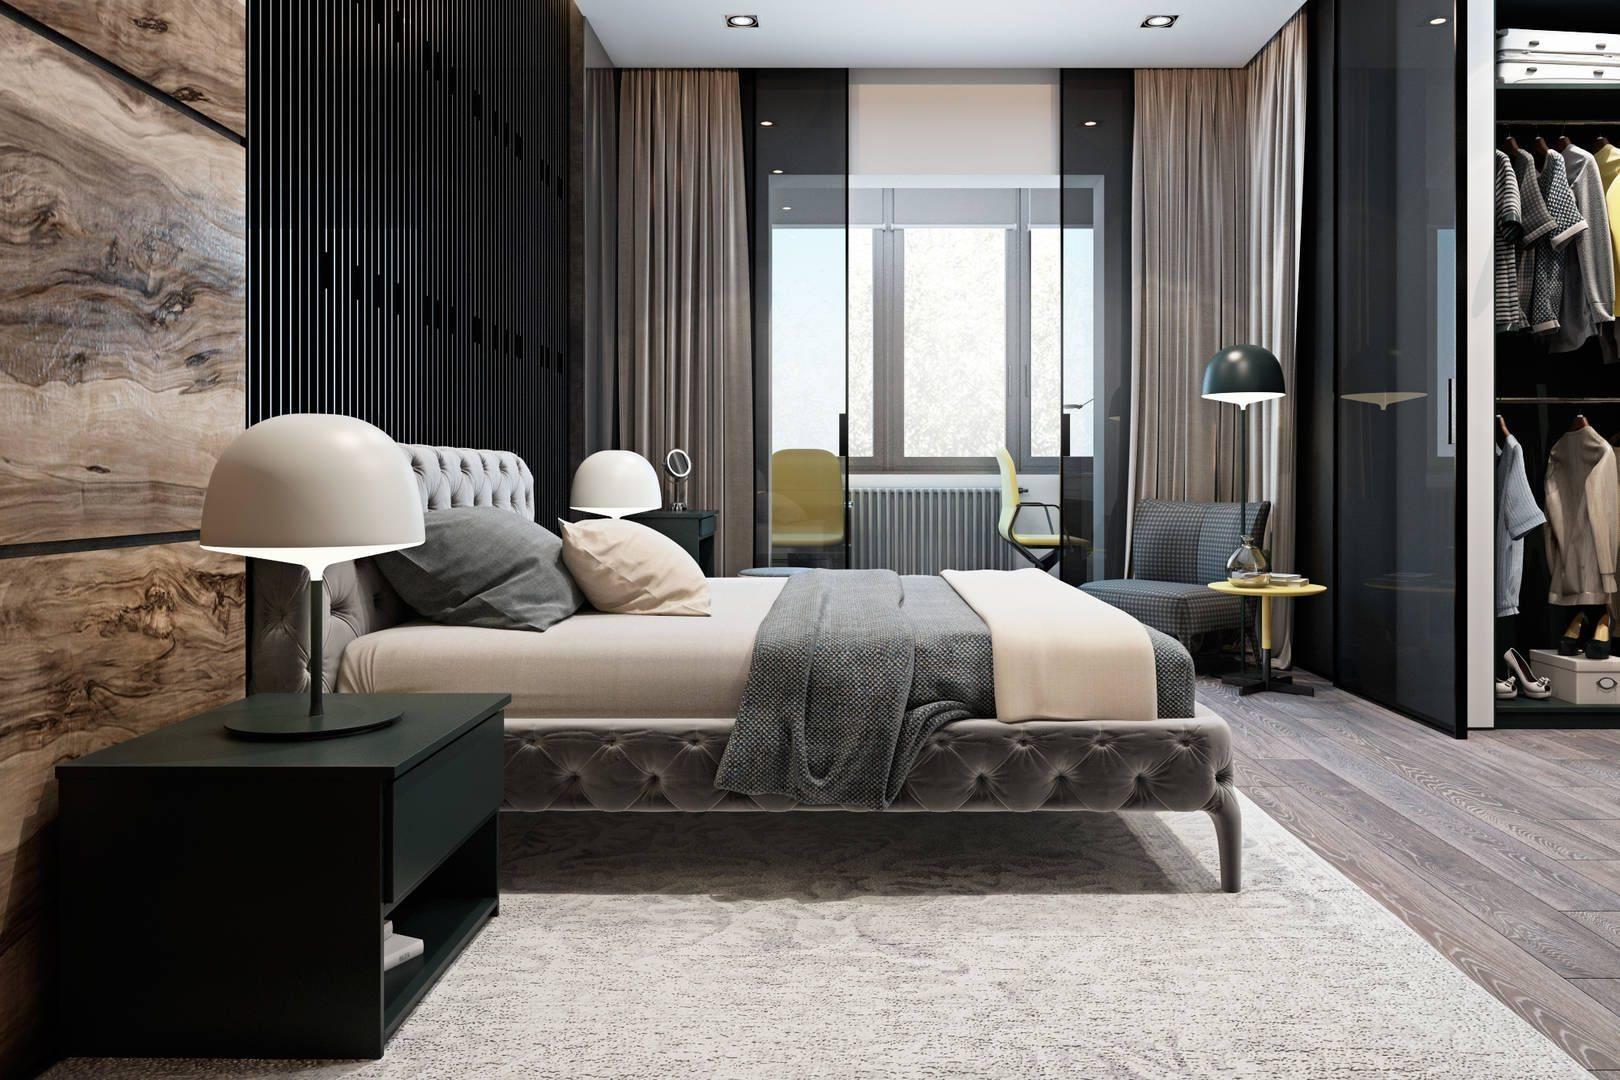 Дизайн комнаты 12 кв. метров: советы дизайнеров, секреты правильного зонирования.